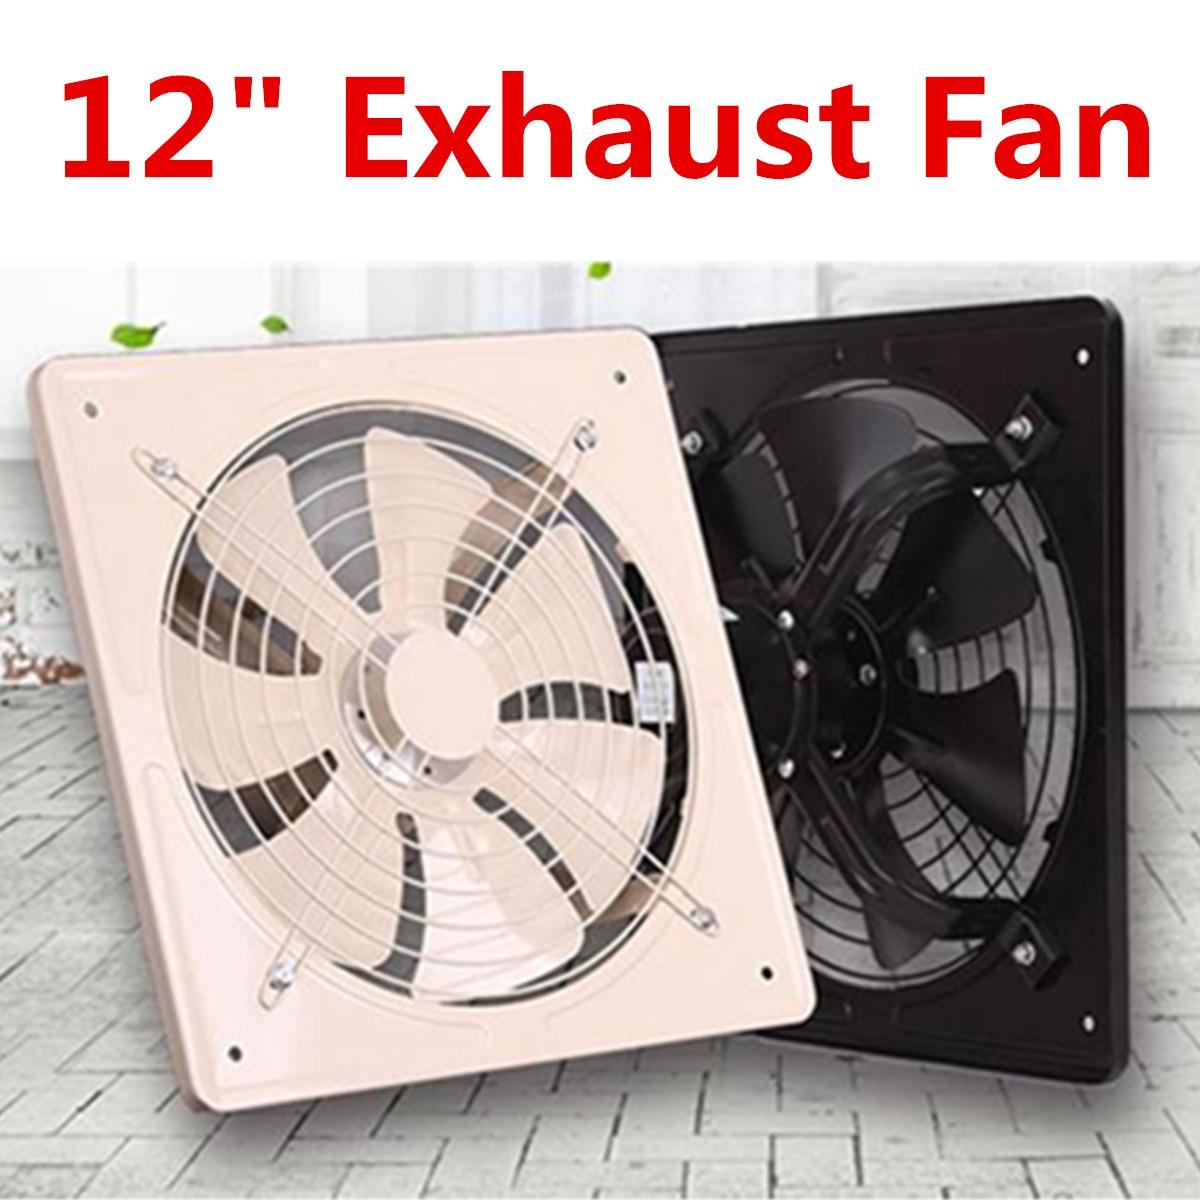 Noir 12 pouces ventilateur d'échappement haute vitesse extracteur d'air fenêtre ventilateur de Ventilation pour cuisine ventilateur Axial ventilateur mural industriel 220 V